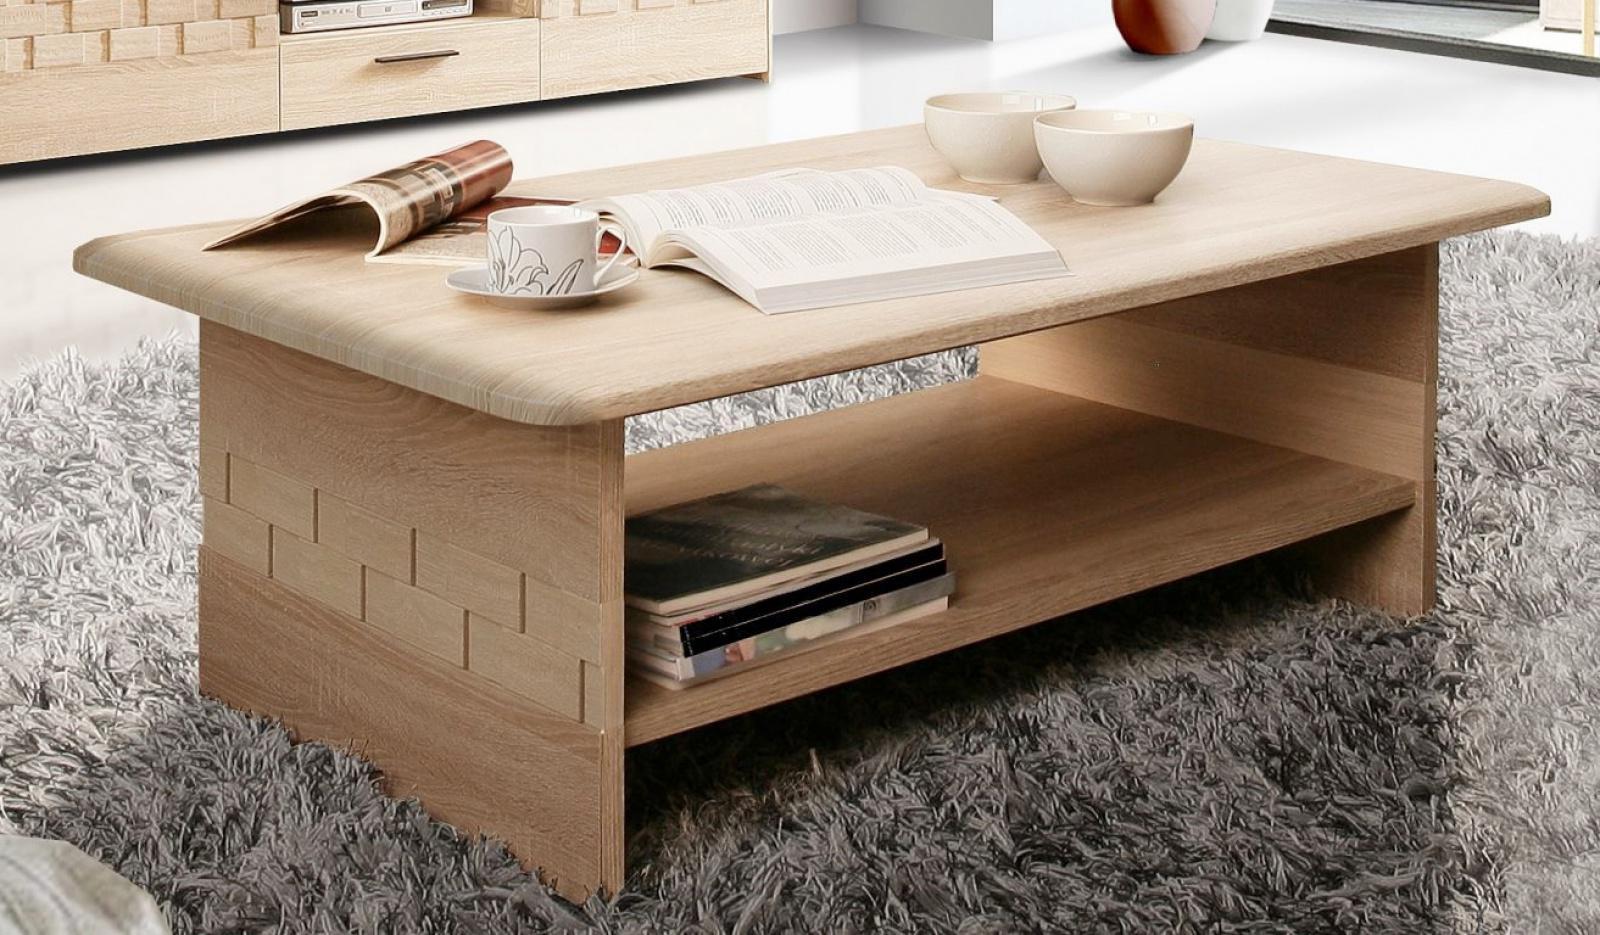 couchtisch claudia in sonoma eiche kaufen bei m bel lux. Black Bedroom Furniture Sets. Home Design Ideas